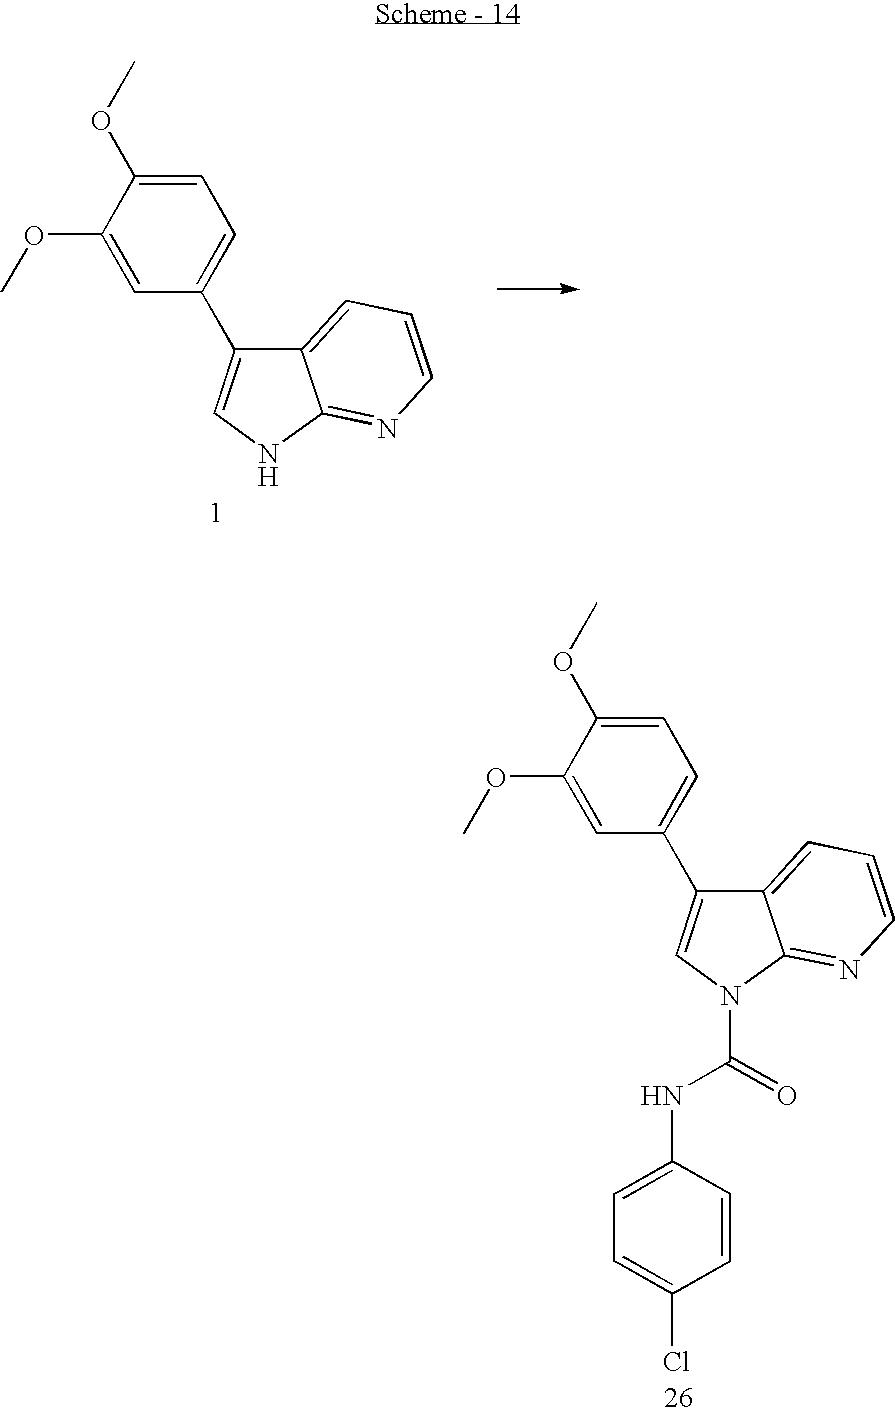 Figure US07605168-20091020-C00043